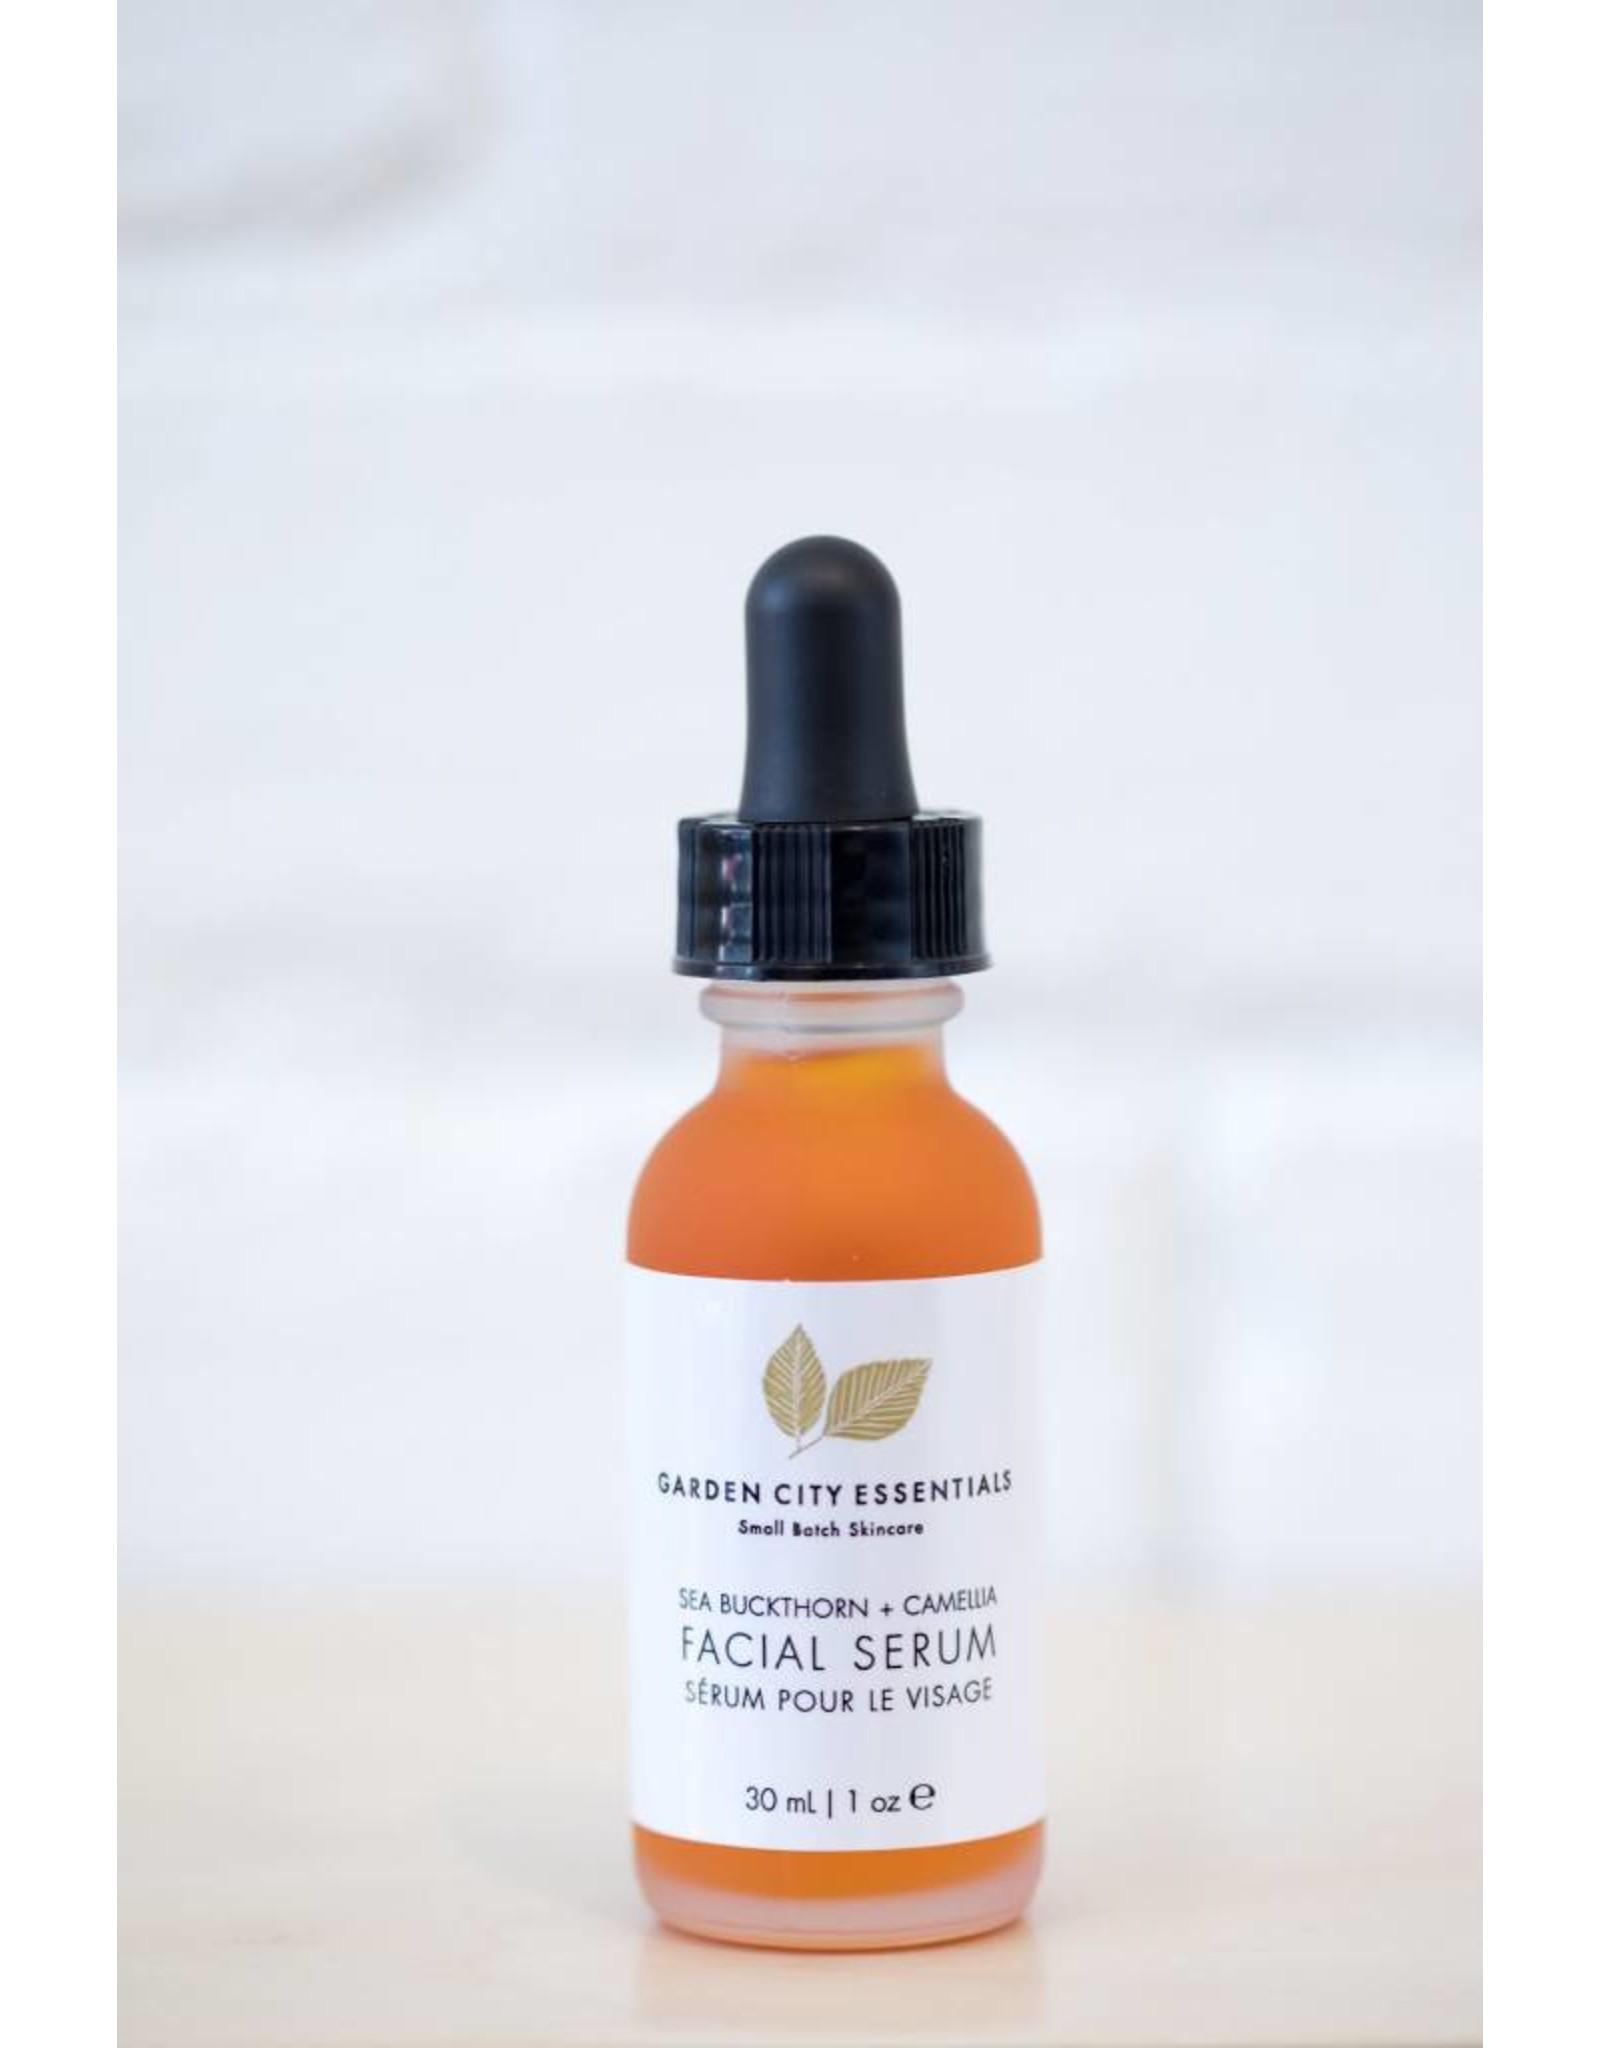 Garden City Essentials Sea Buckthorn & Camellia Facial Serum